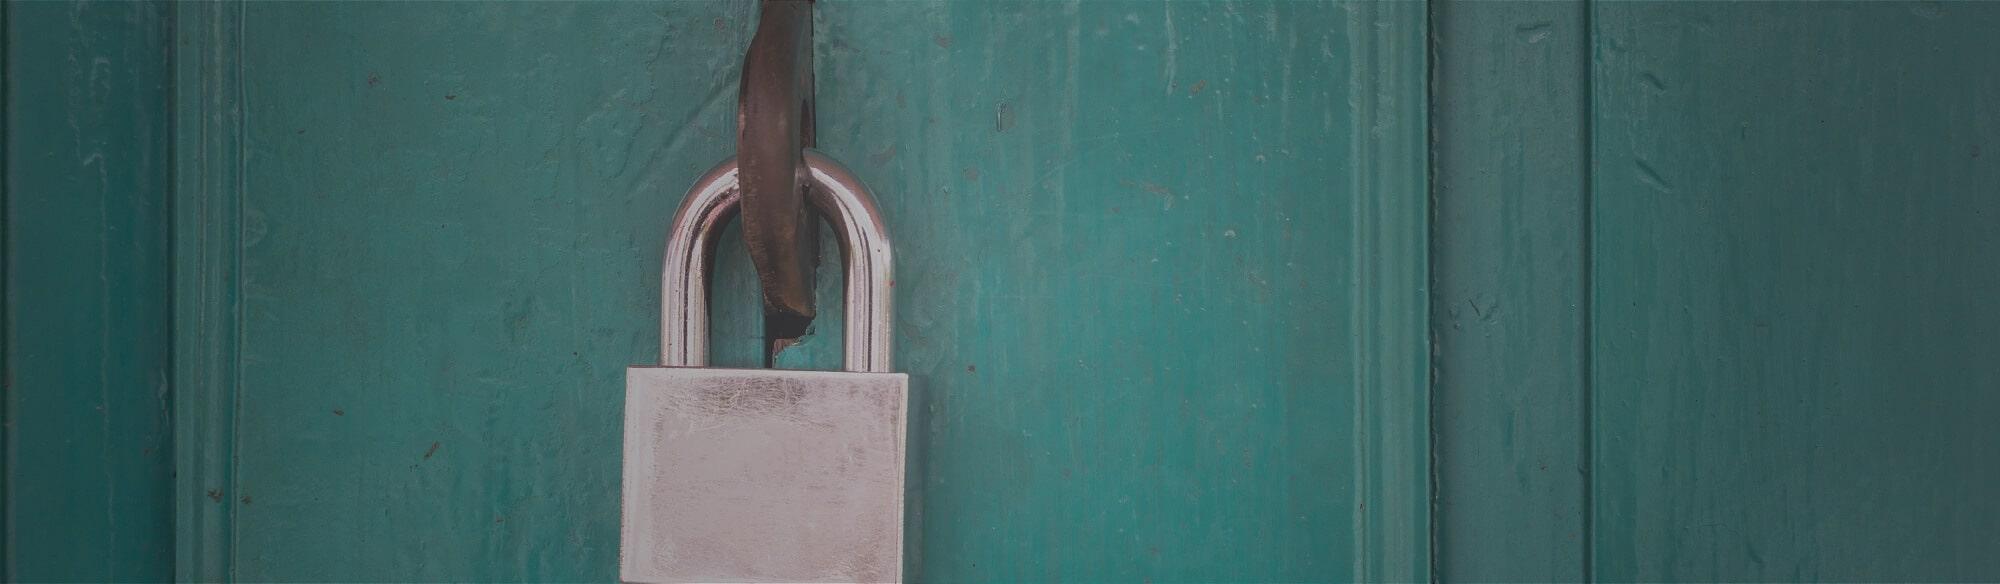 Identity and Access Management | Zirous Services | West Des